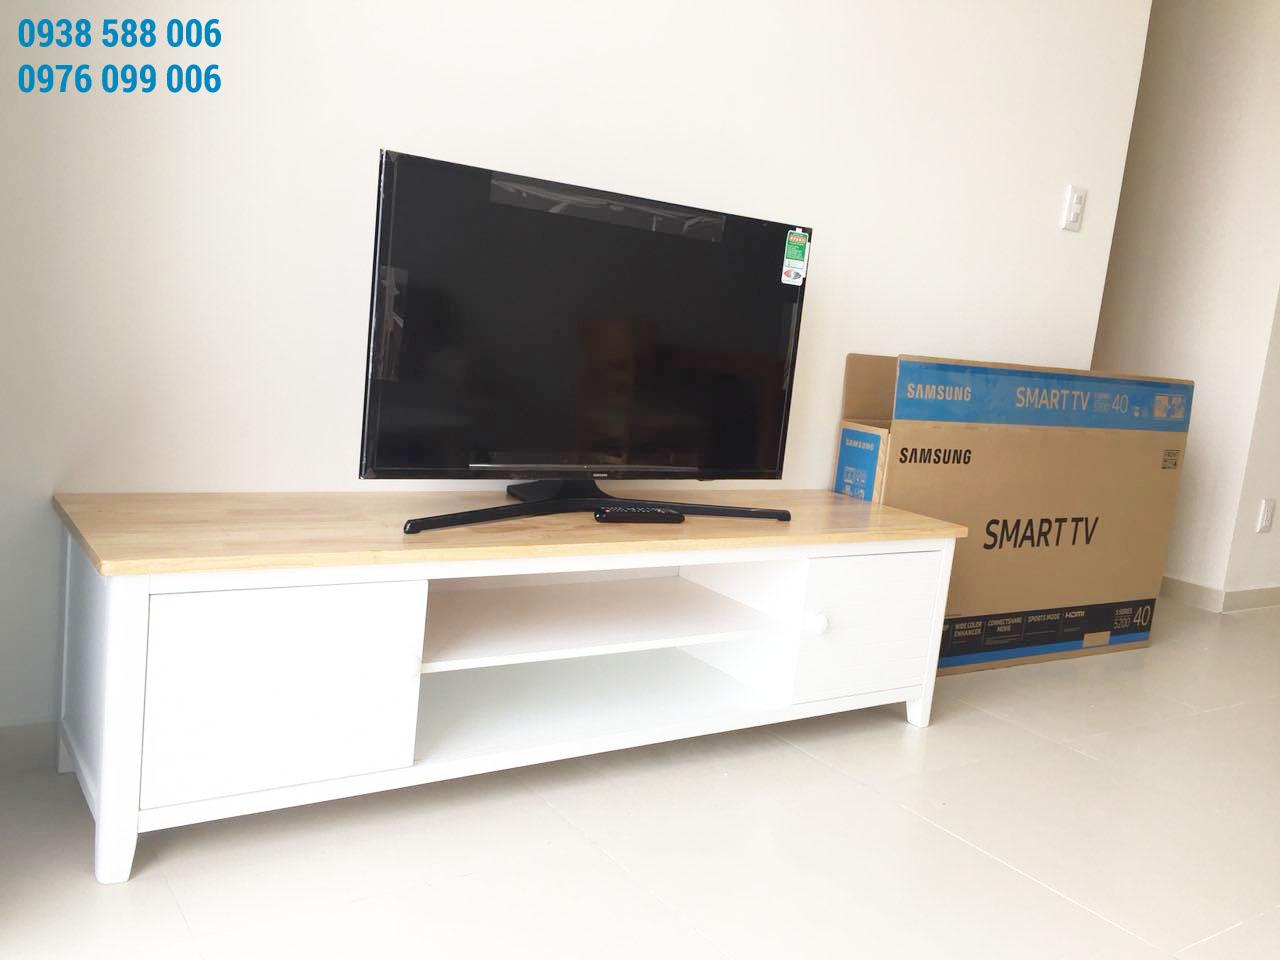 Căn hộ 2PN M-One cho thuê được trang bị đầy đủ tiện nghi, nội thất, TV,...